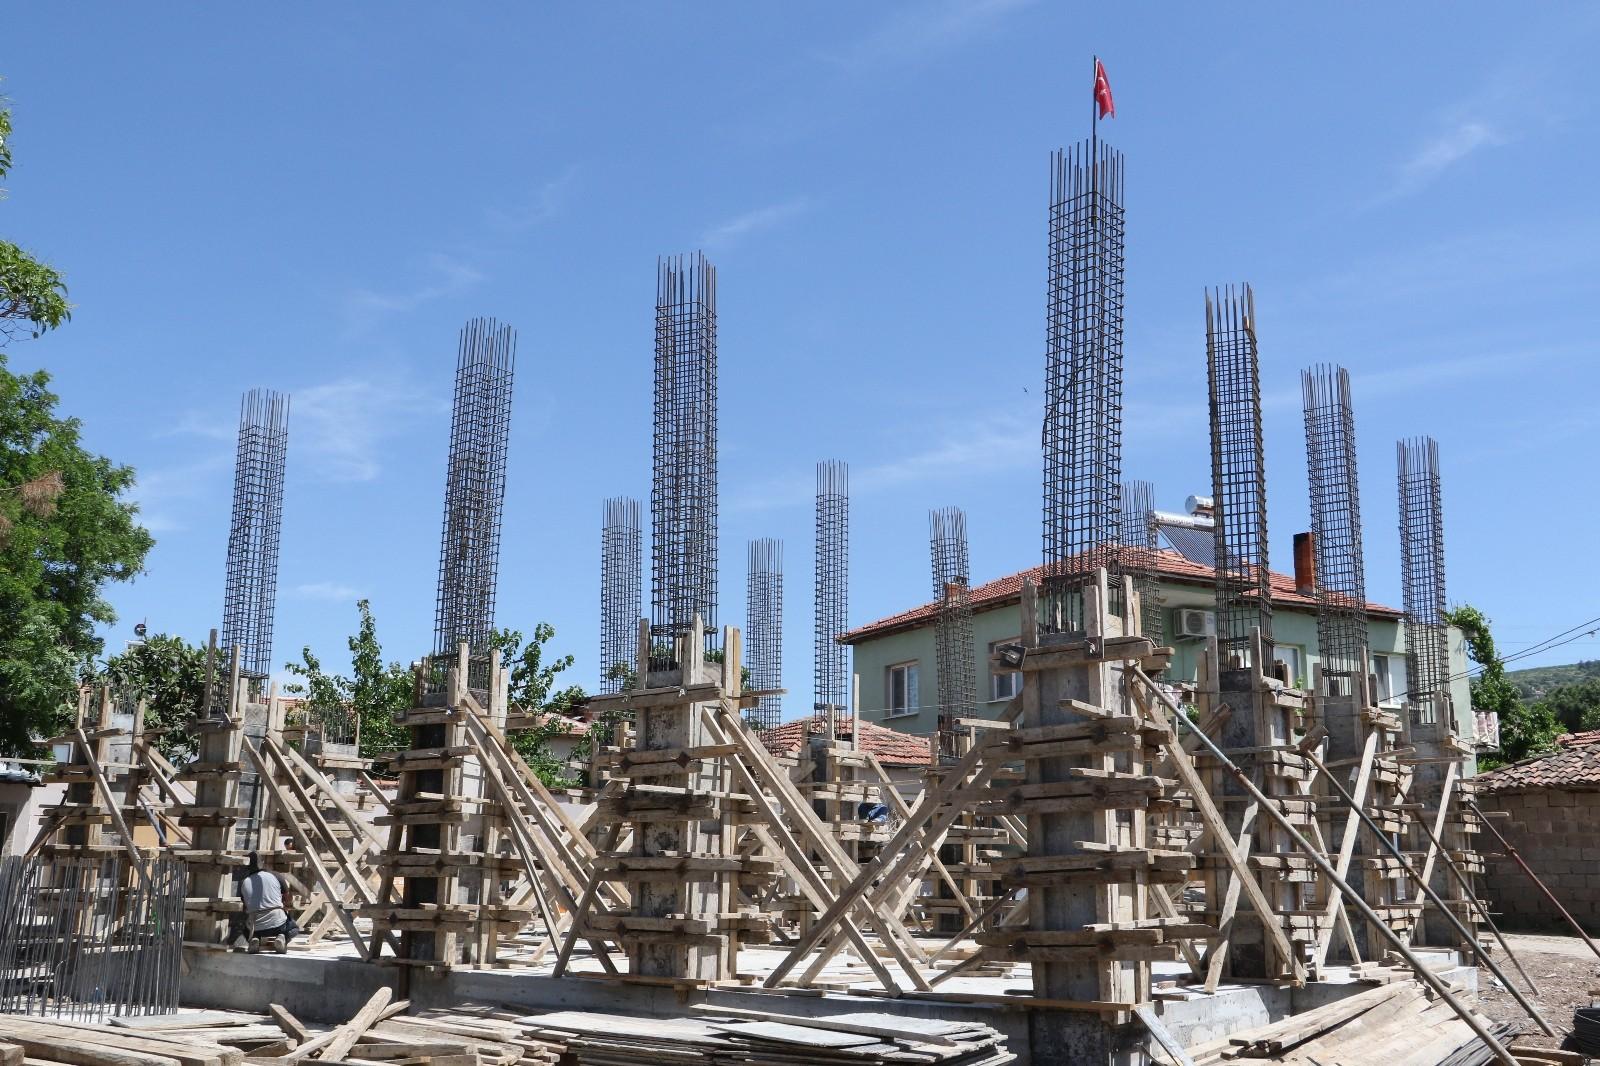 Depremde hasar gördüğü için yıkılan cami yeniden yapılıyor